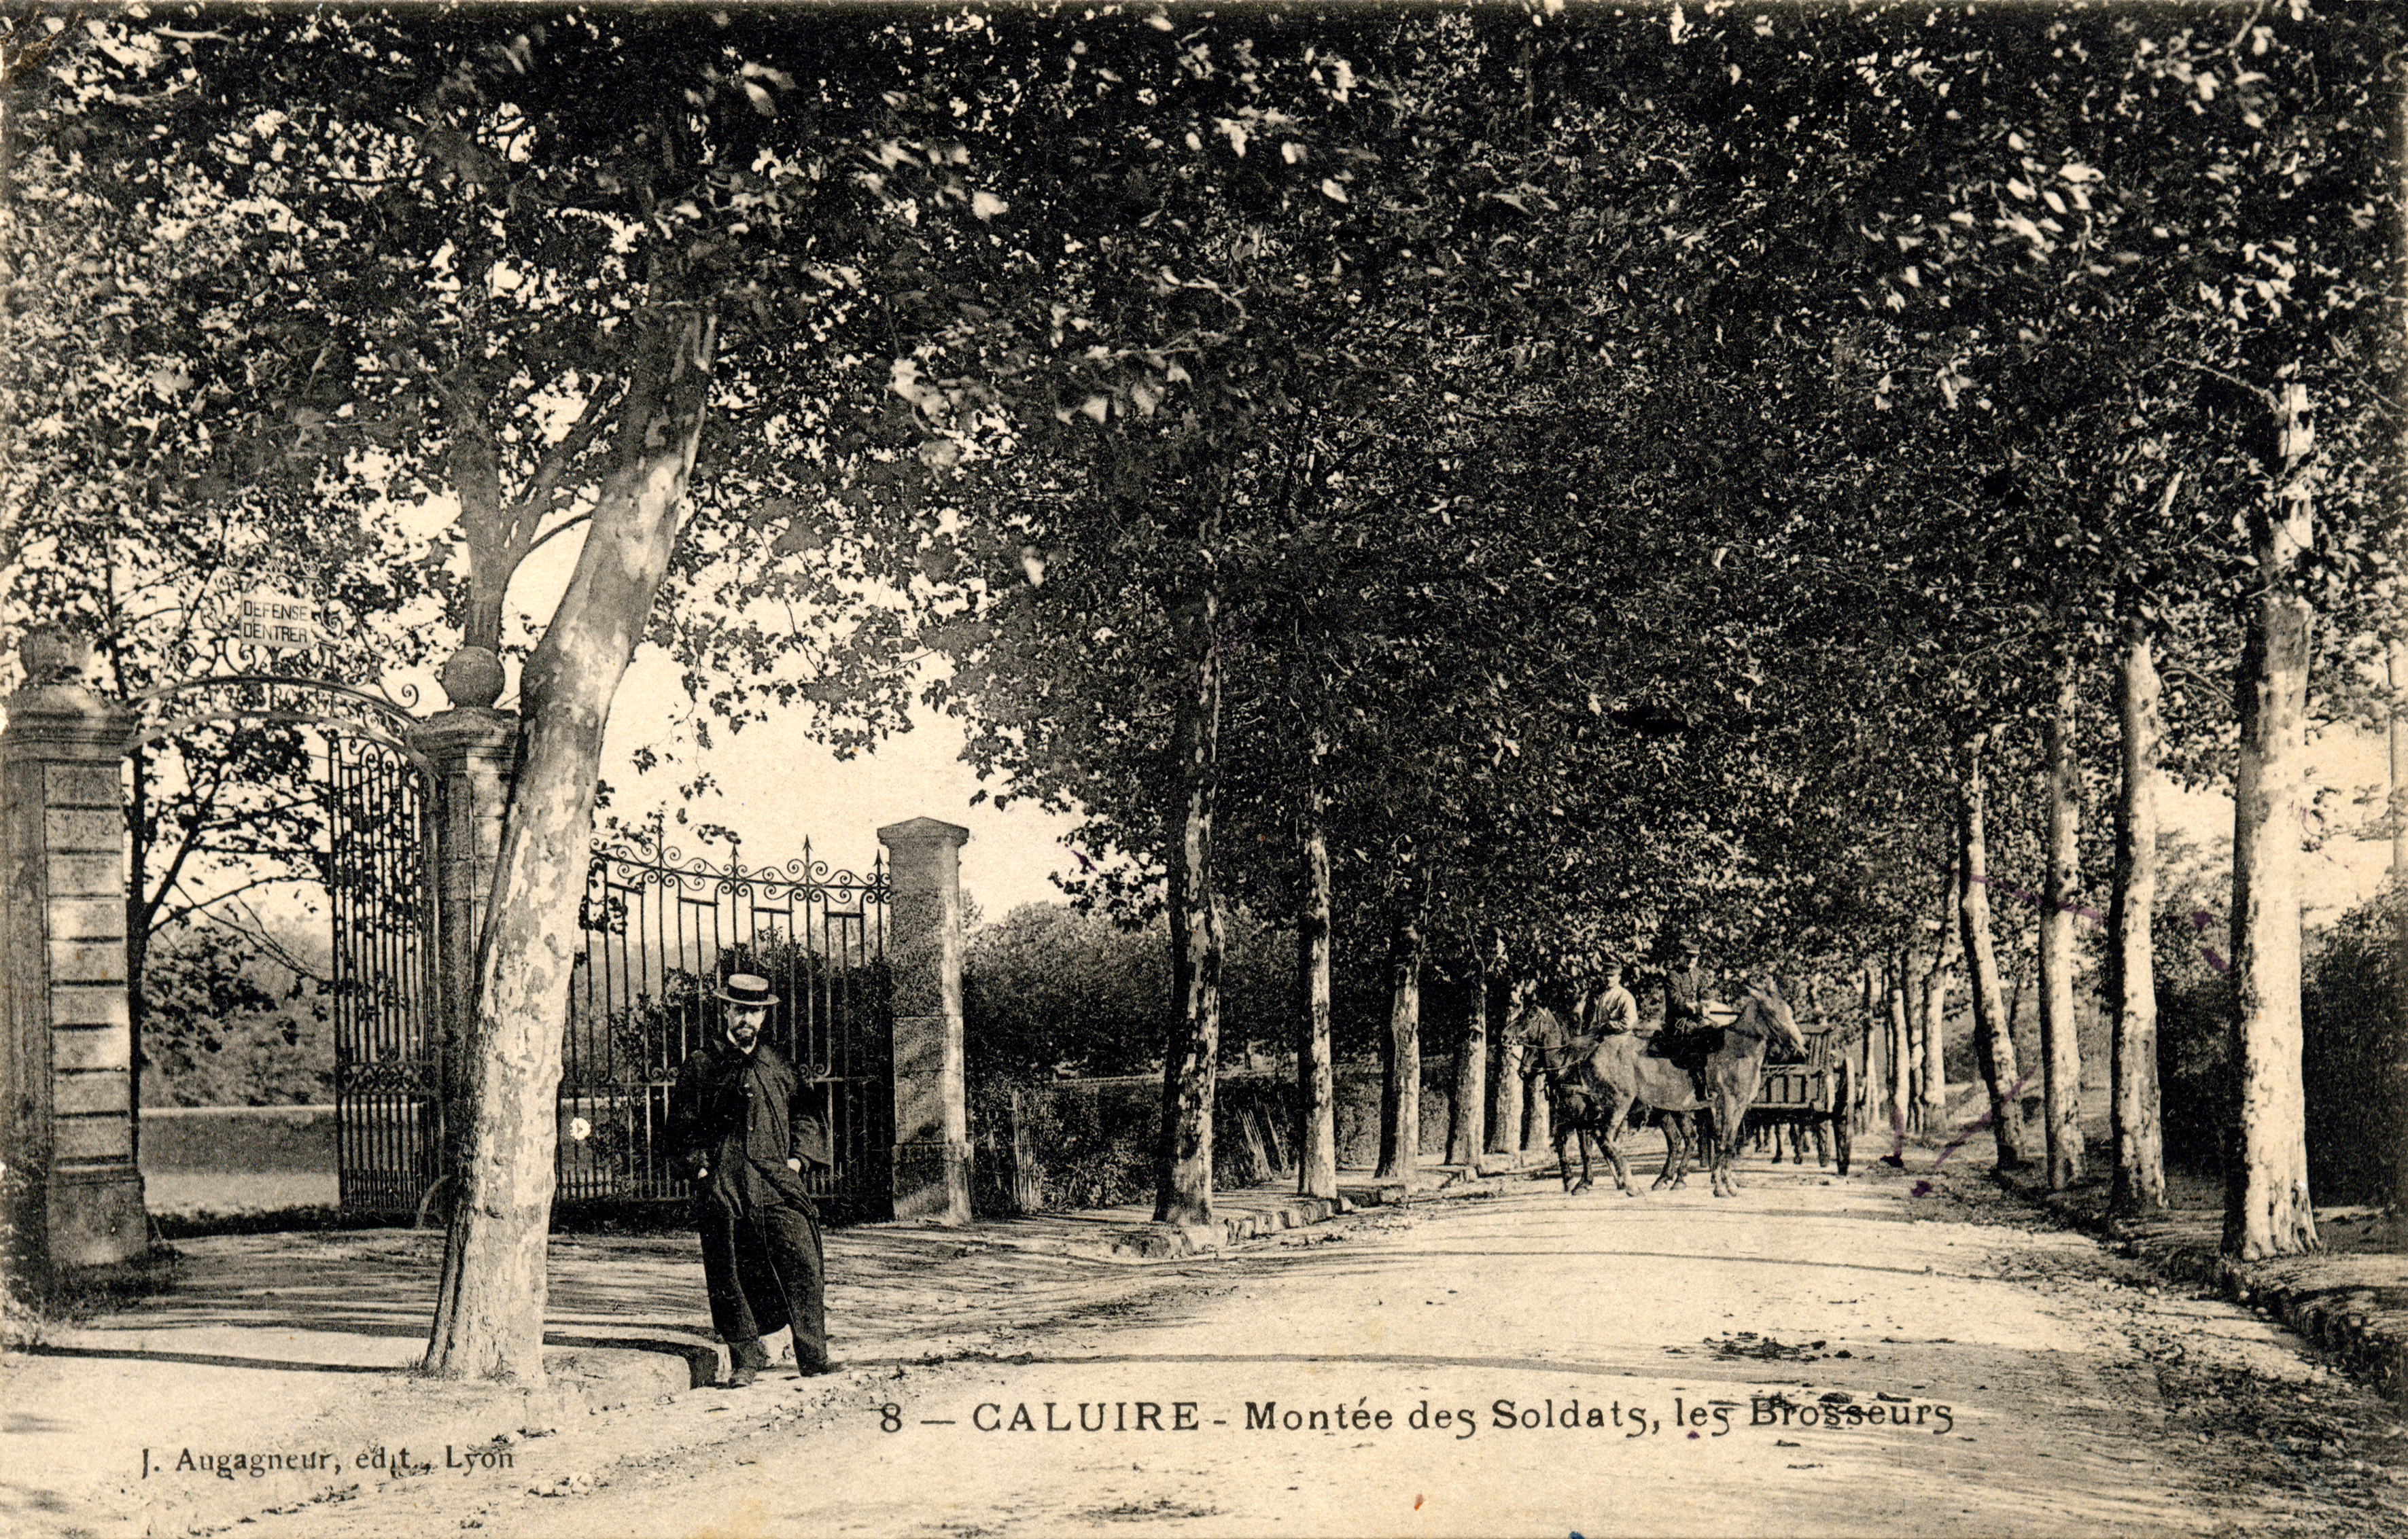 Cartes postales ville,villagescpa par odre alphabétique. - Page 11 Mont%C3%A9e_des_Soldats_Caluire_1907